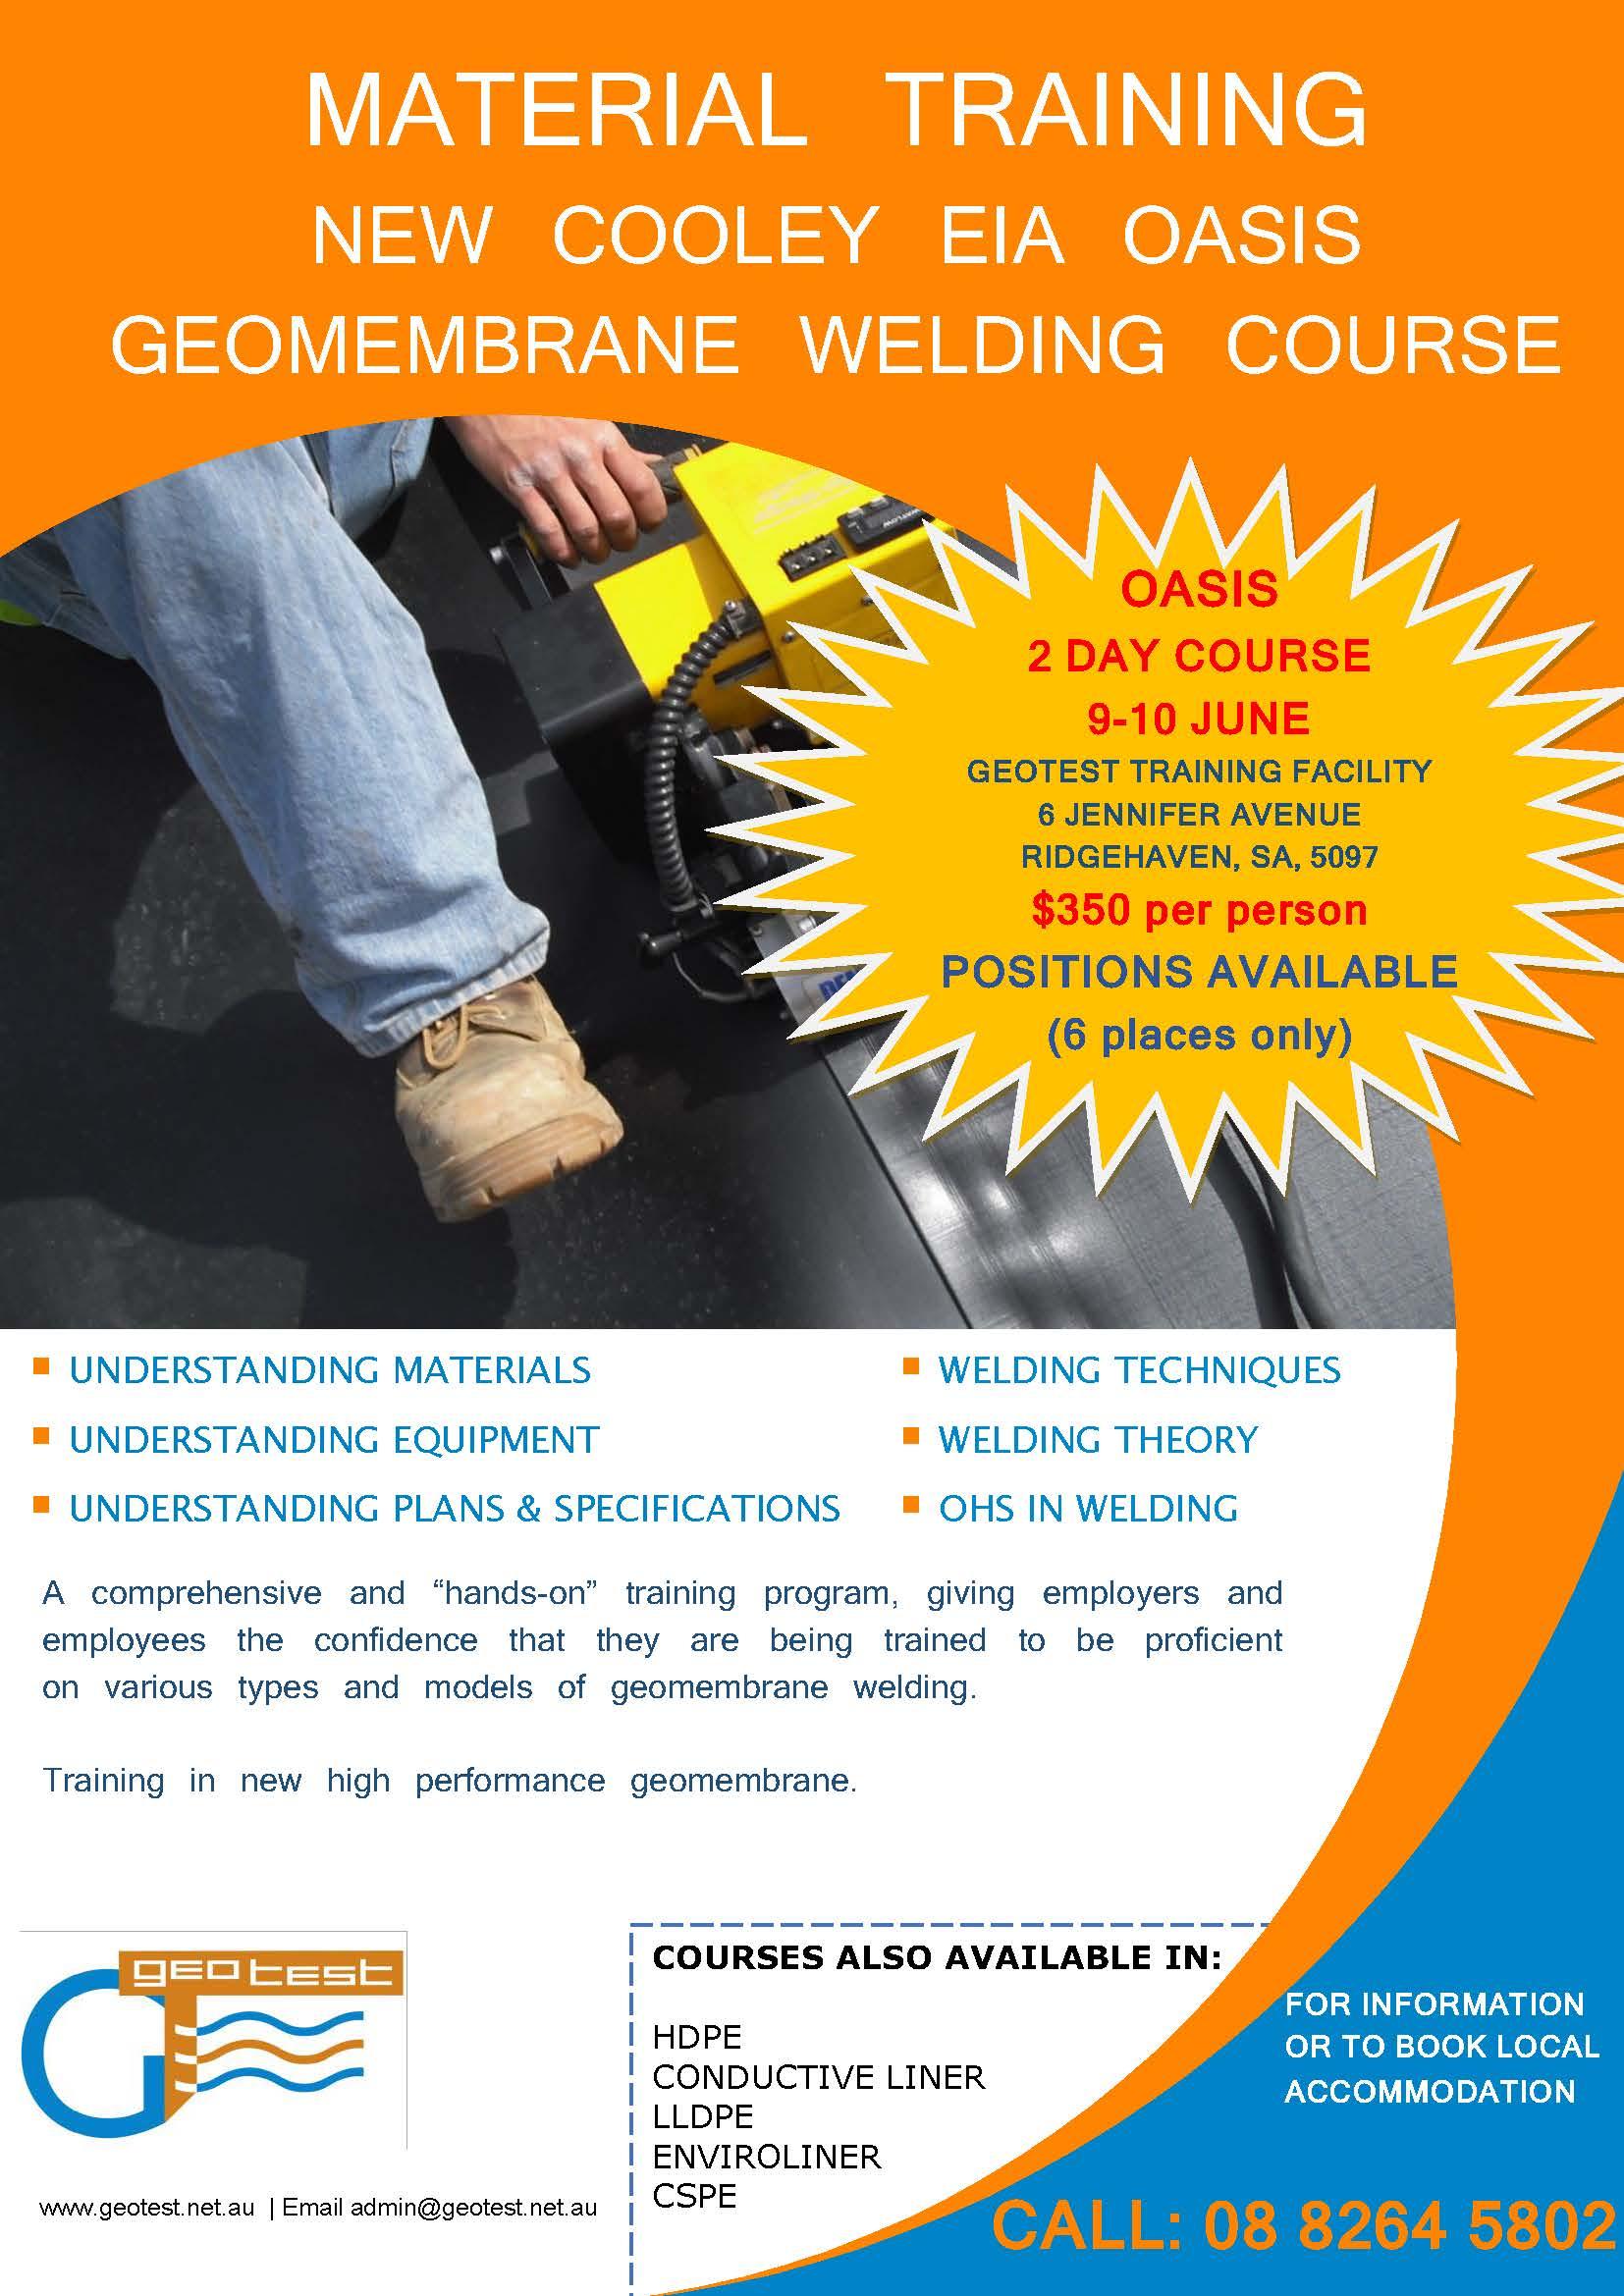 Geotest, News, Australia